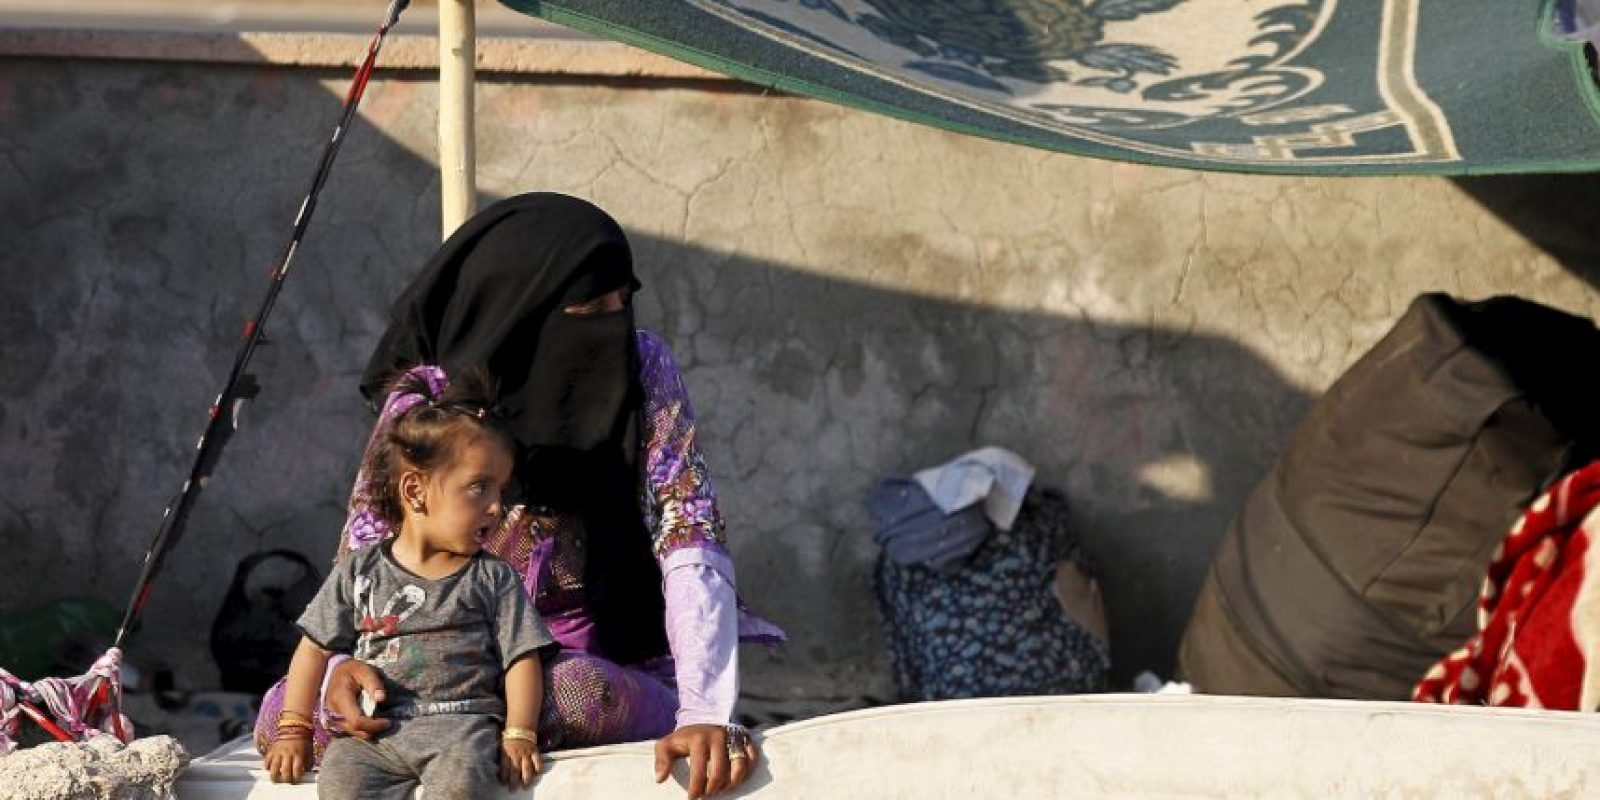 El precio que se le paga al ISIS por una persona mayor varía desde seis mil a 35 mil dólares. Foto:Getty Images